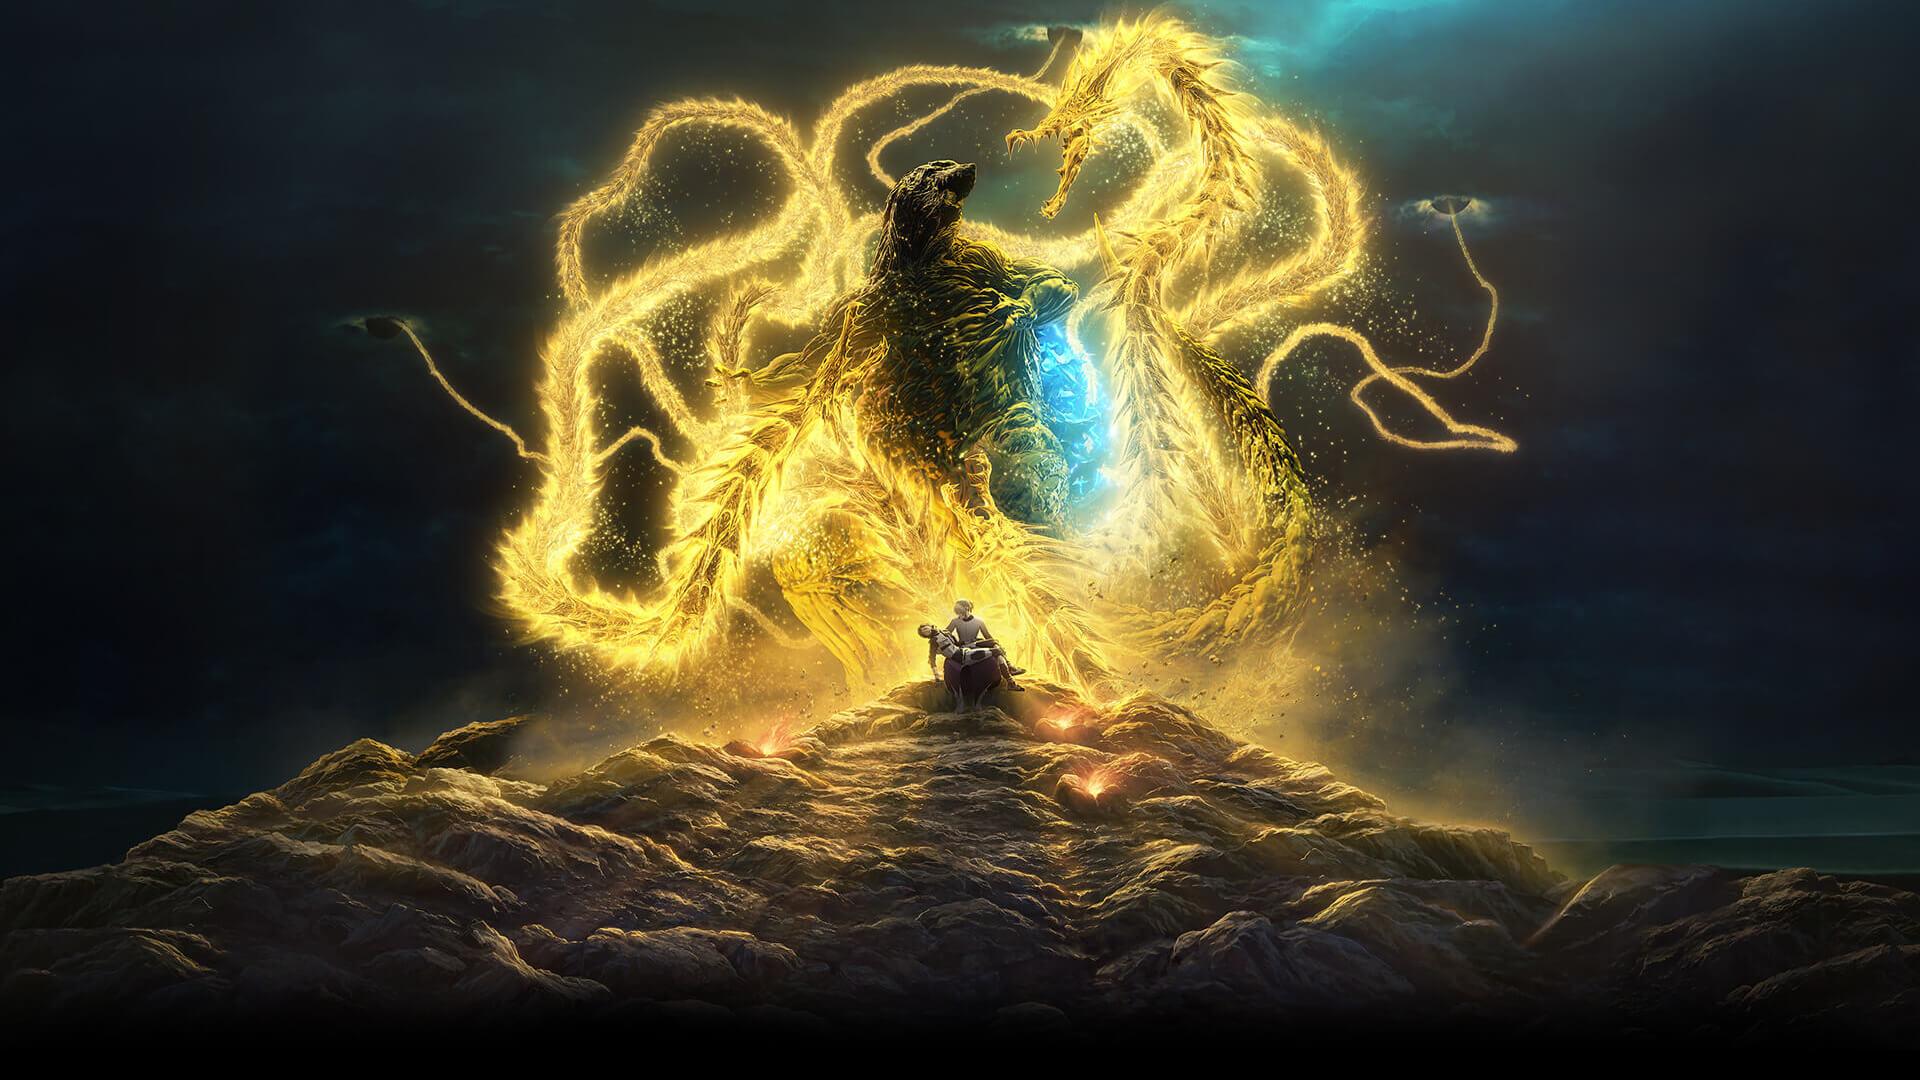 GODZILLA: The Planet Eater by godzilla-image